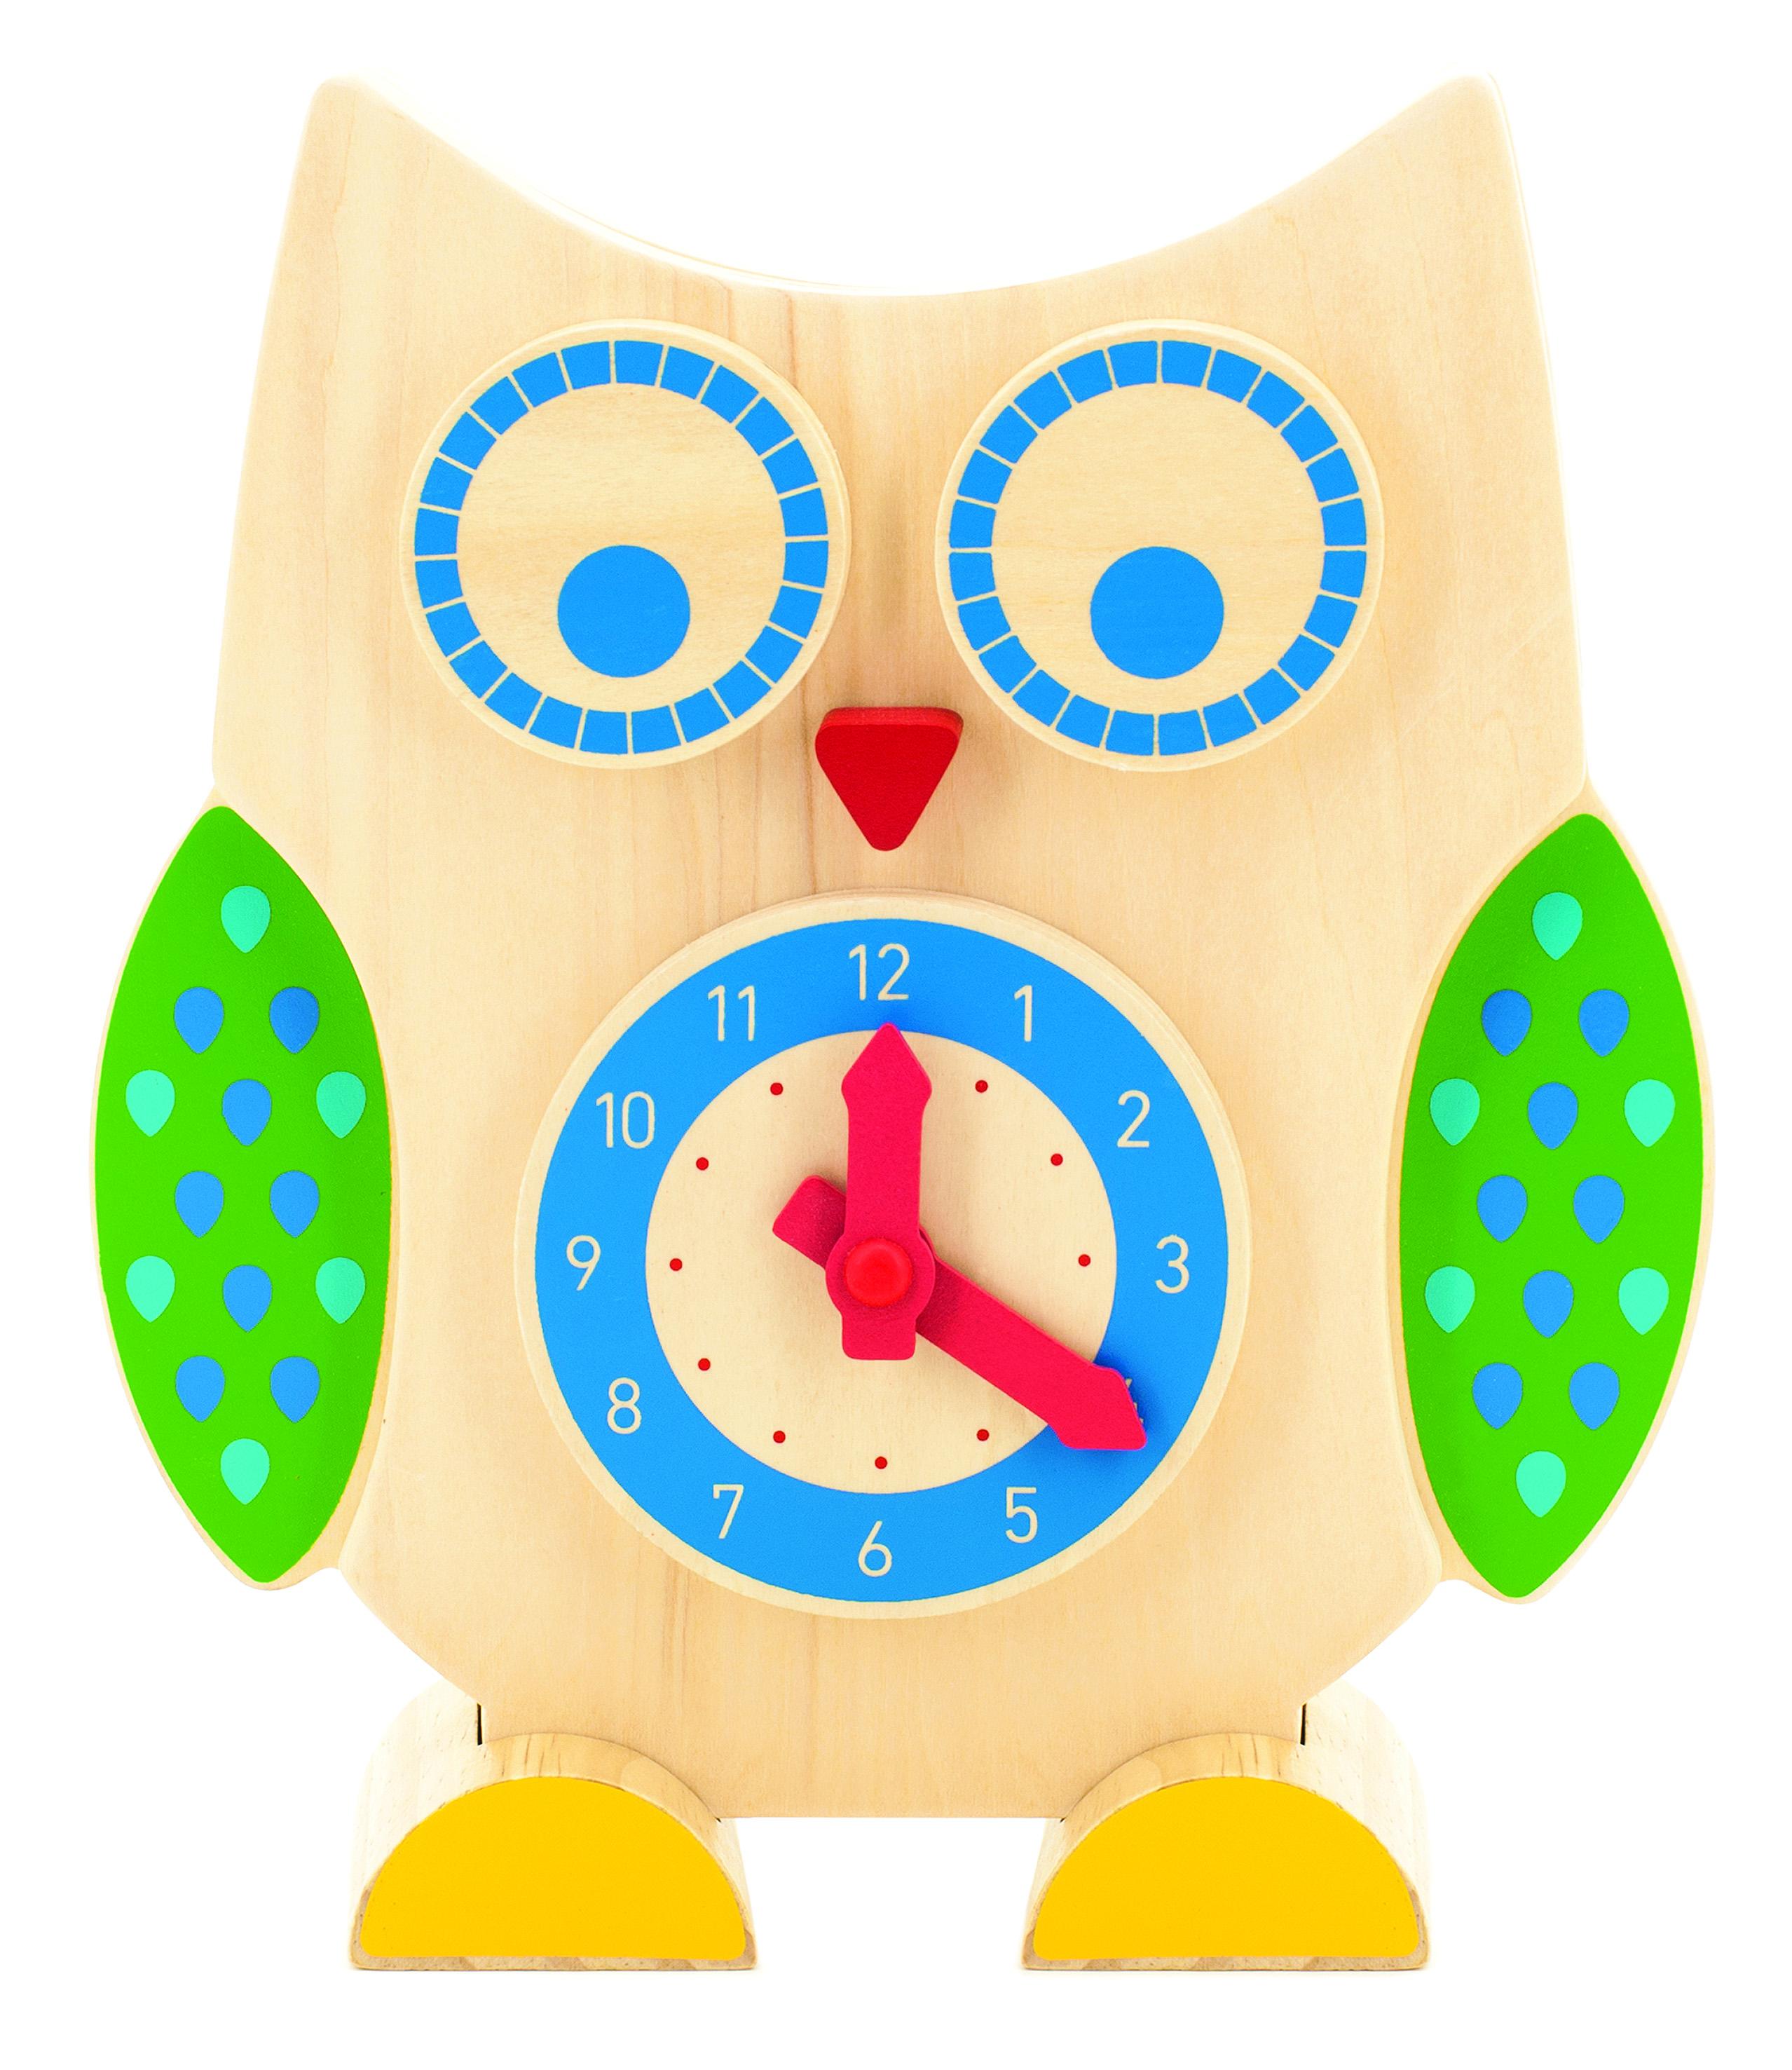 Сова часы и счеты - Деревянная Сова - это оригинальные счеты и часы, которые помогут ребенку изучить время.